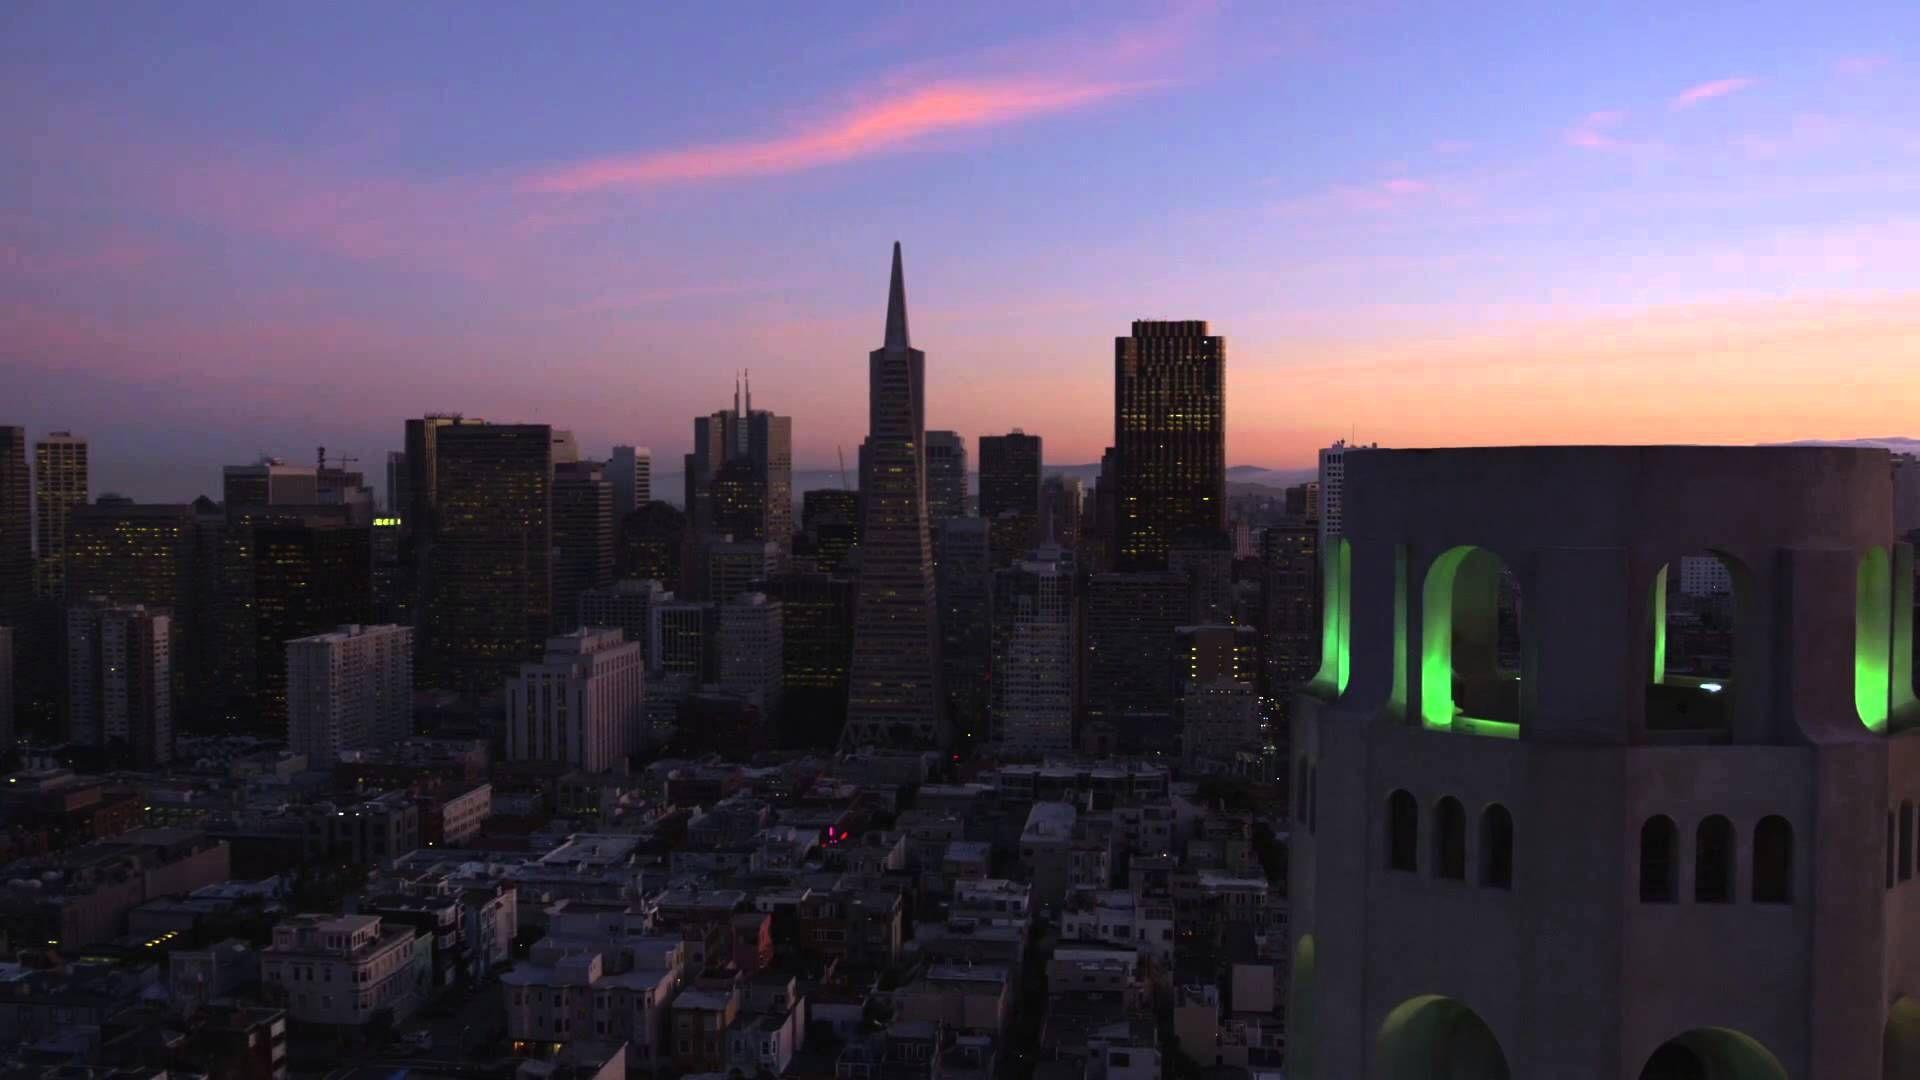 Apple Tv Aerial Screensaver Oakland Bay Bridge Night Tv Aerials Apple Tv Dramatic Lighting